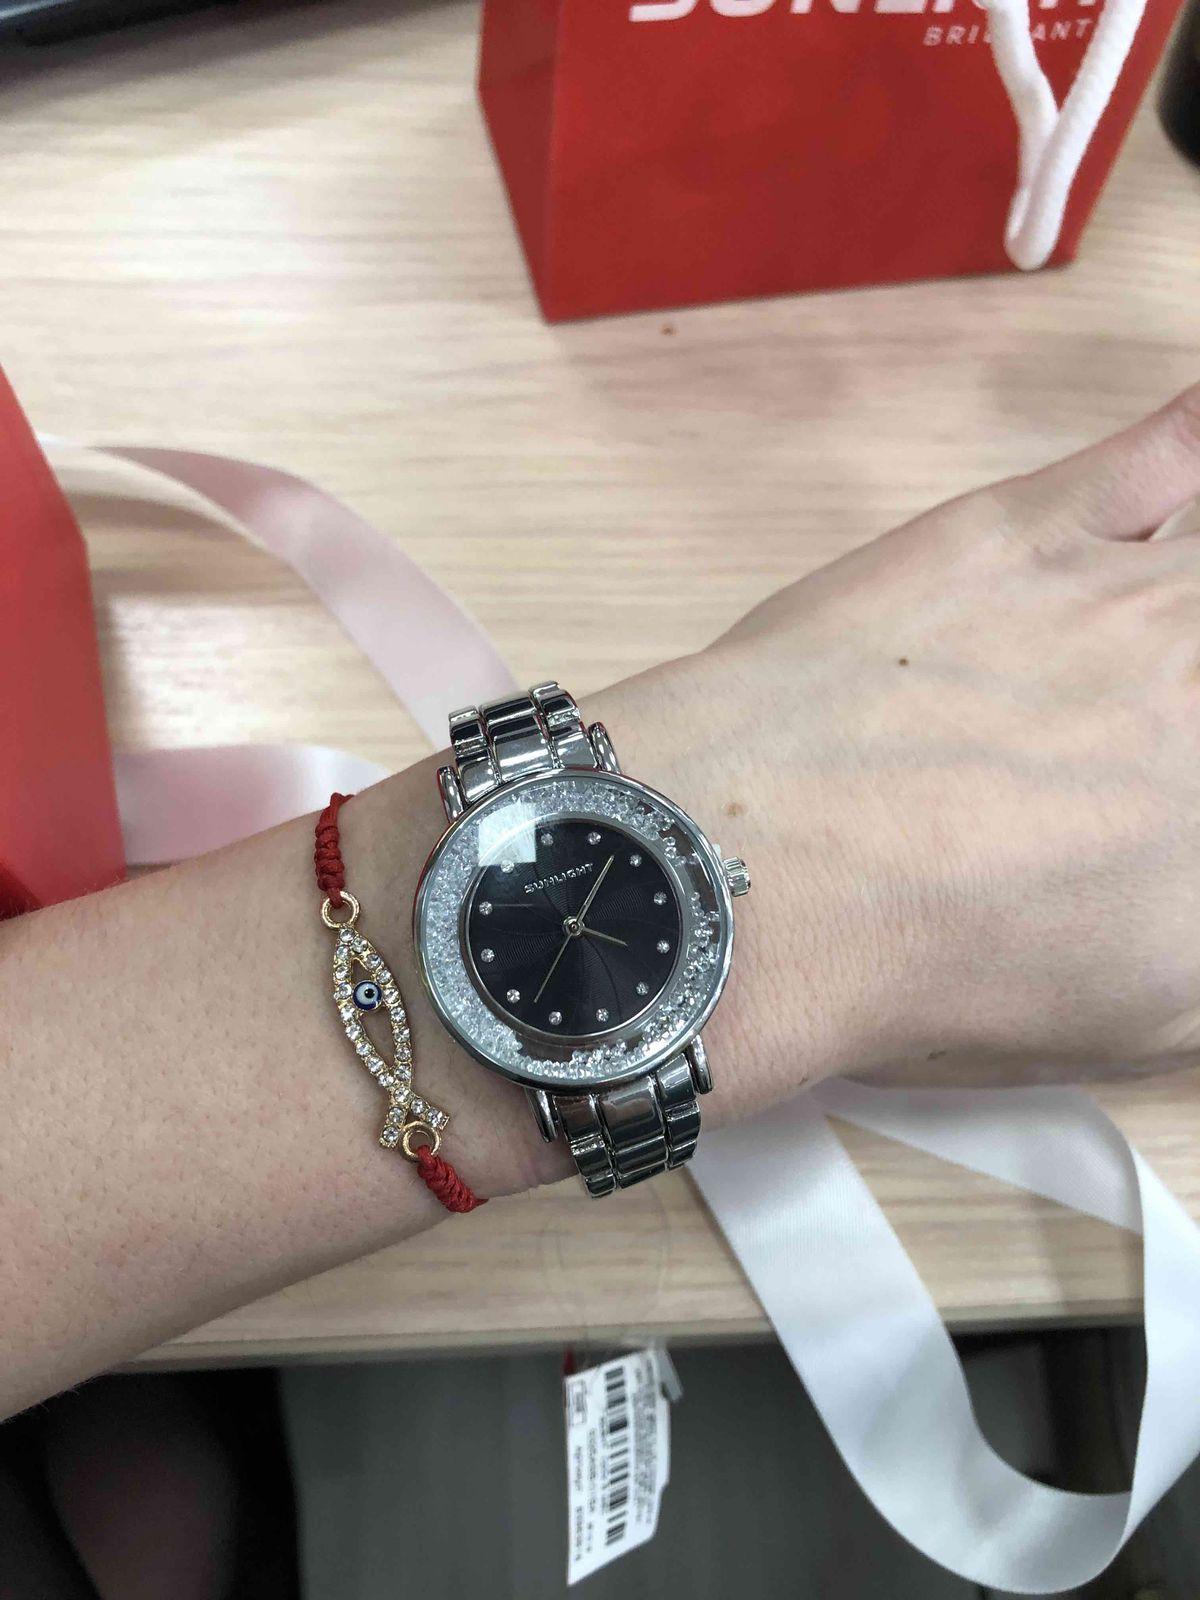 Очень красивые часы.аккуратно смотрятся на руке